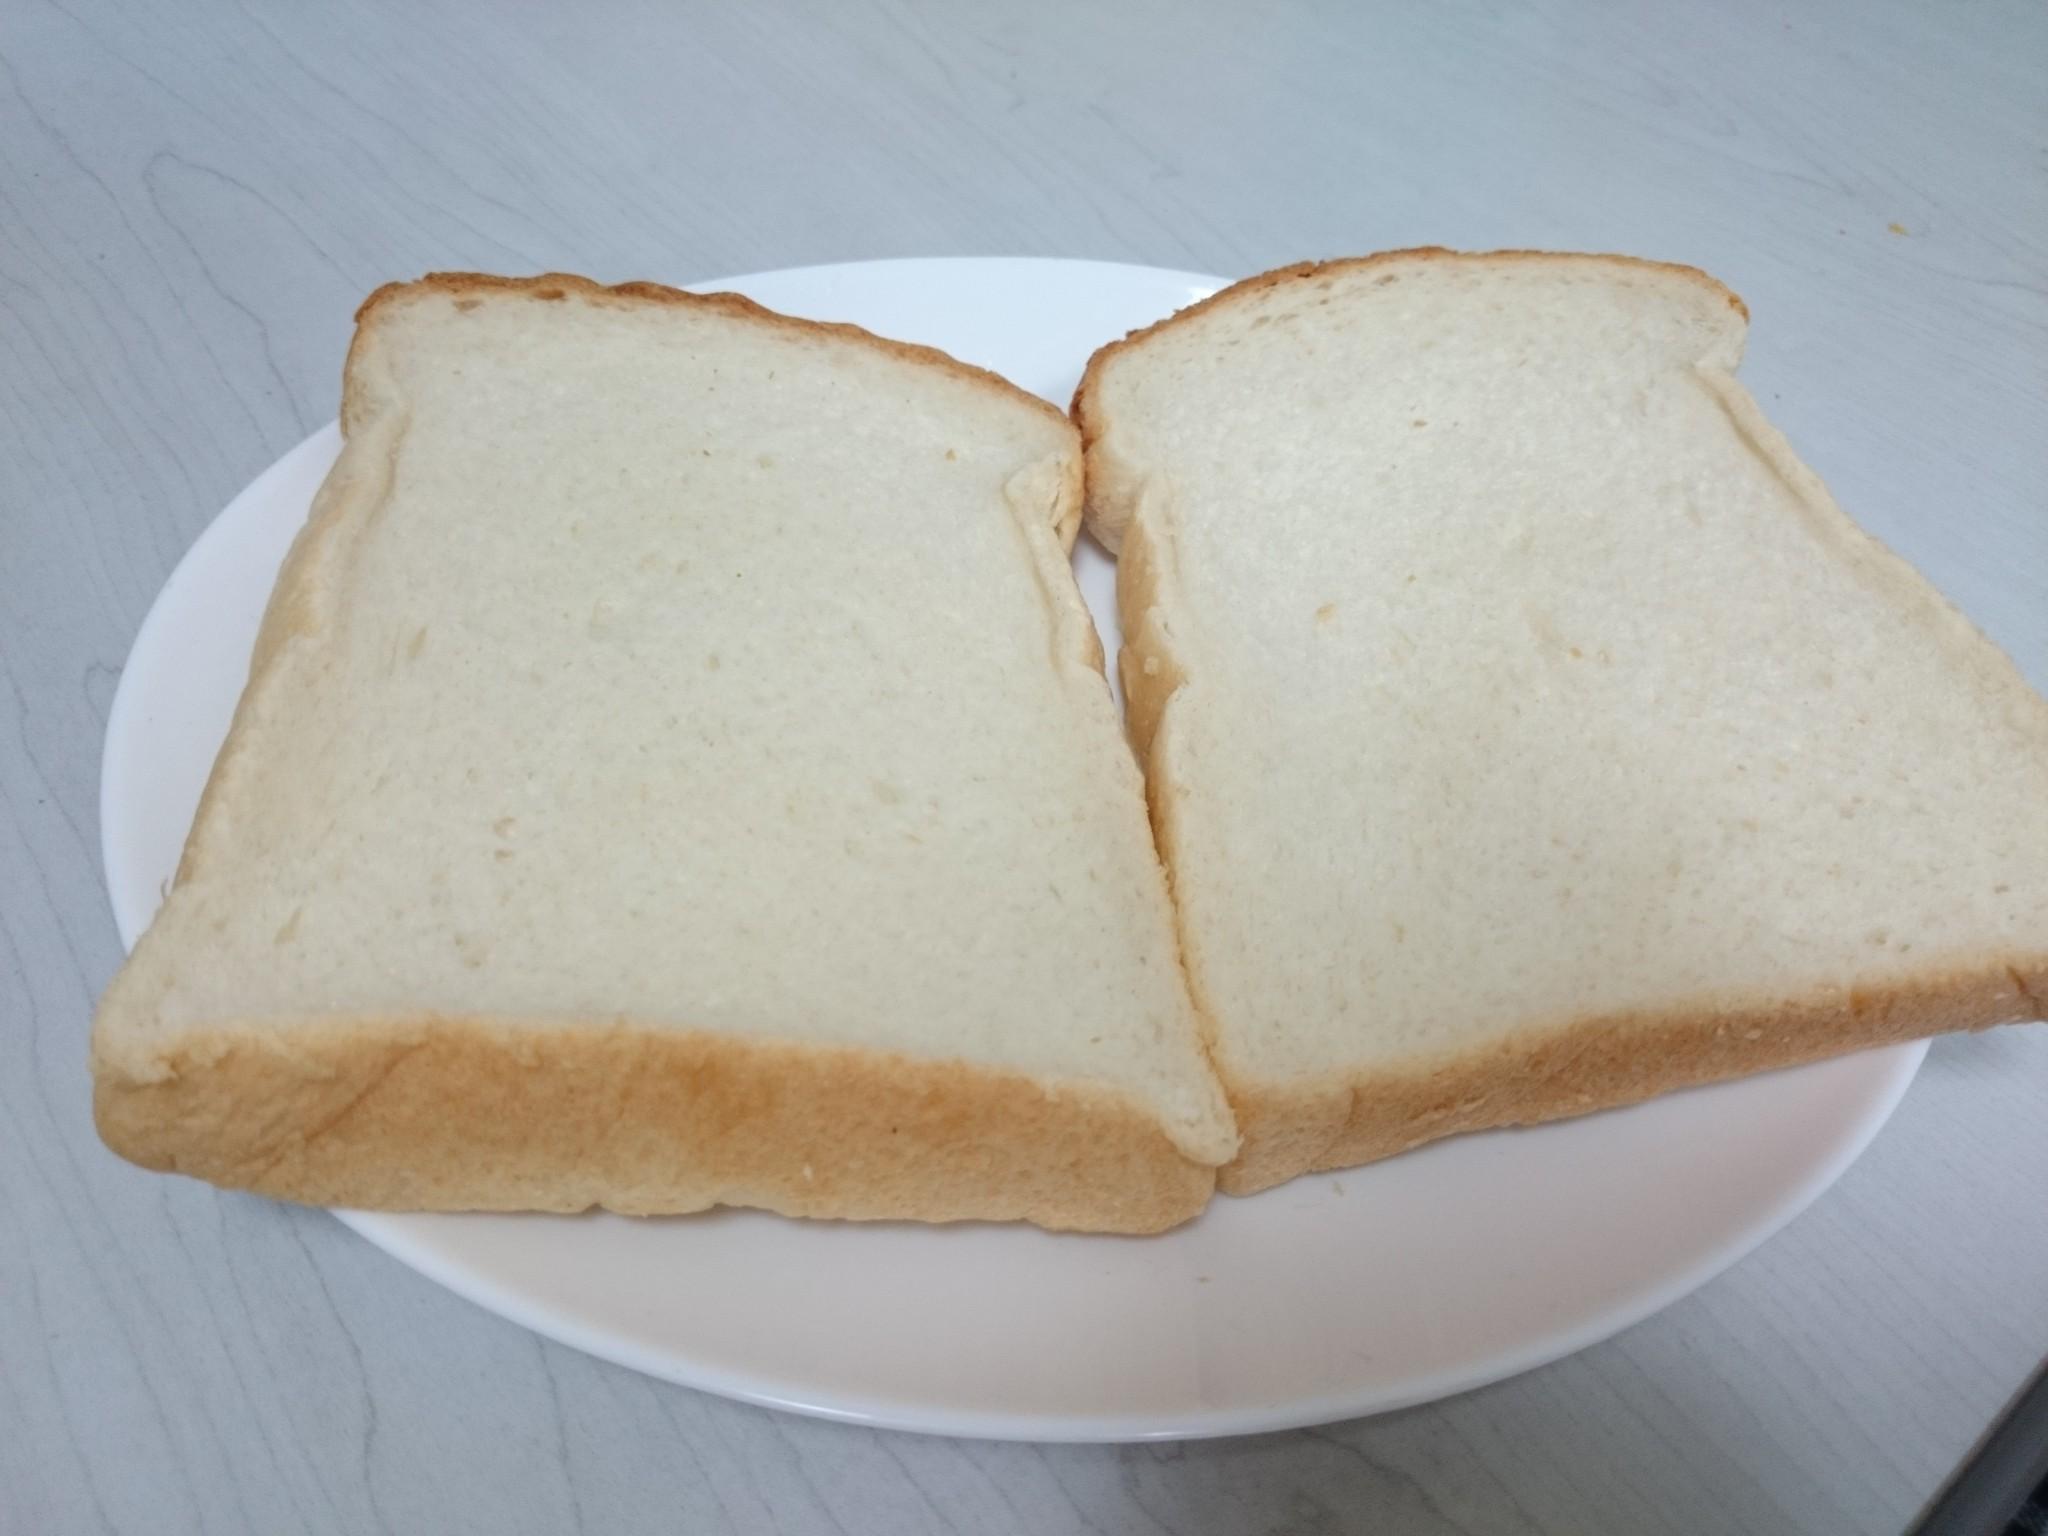 焼きたて食パン「一本堂」の「日本の食パン(旧:ゆたか)」